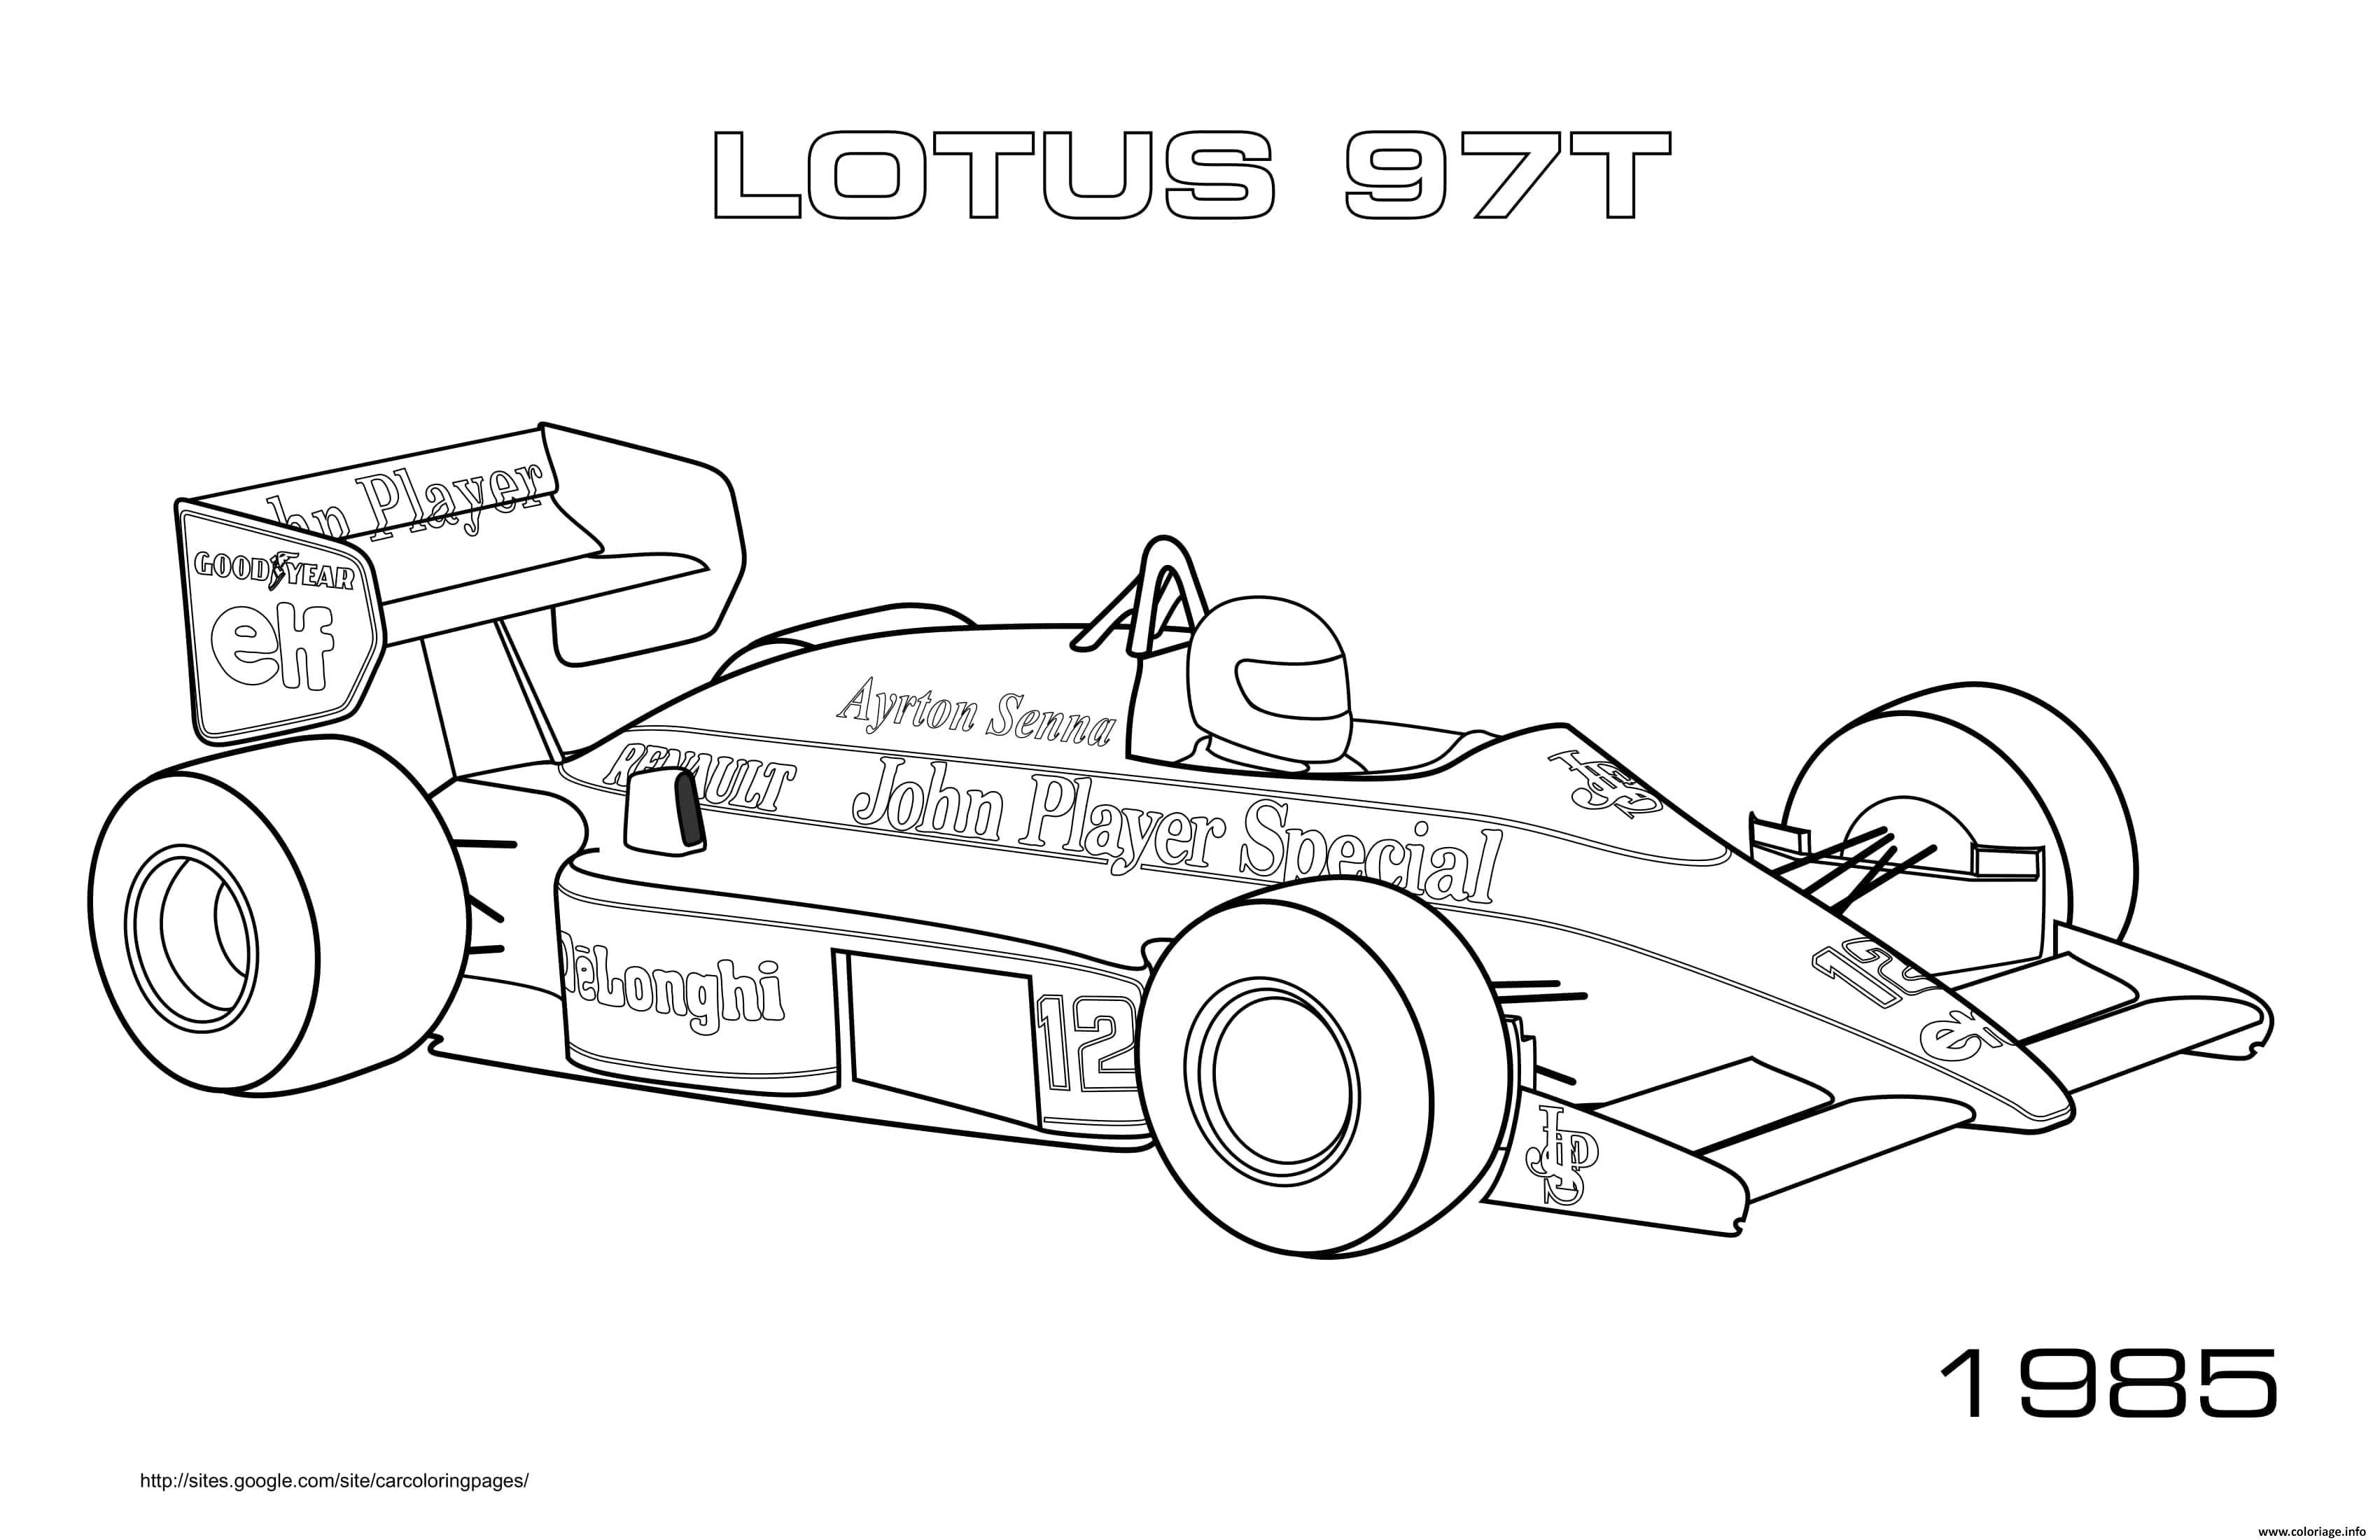 Dessin Formule 1 Lotus 97t 1985 Coloriage Gratuit à Imprimer